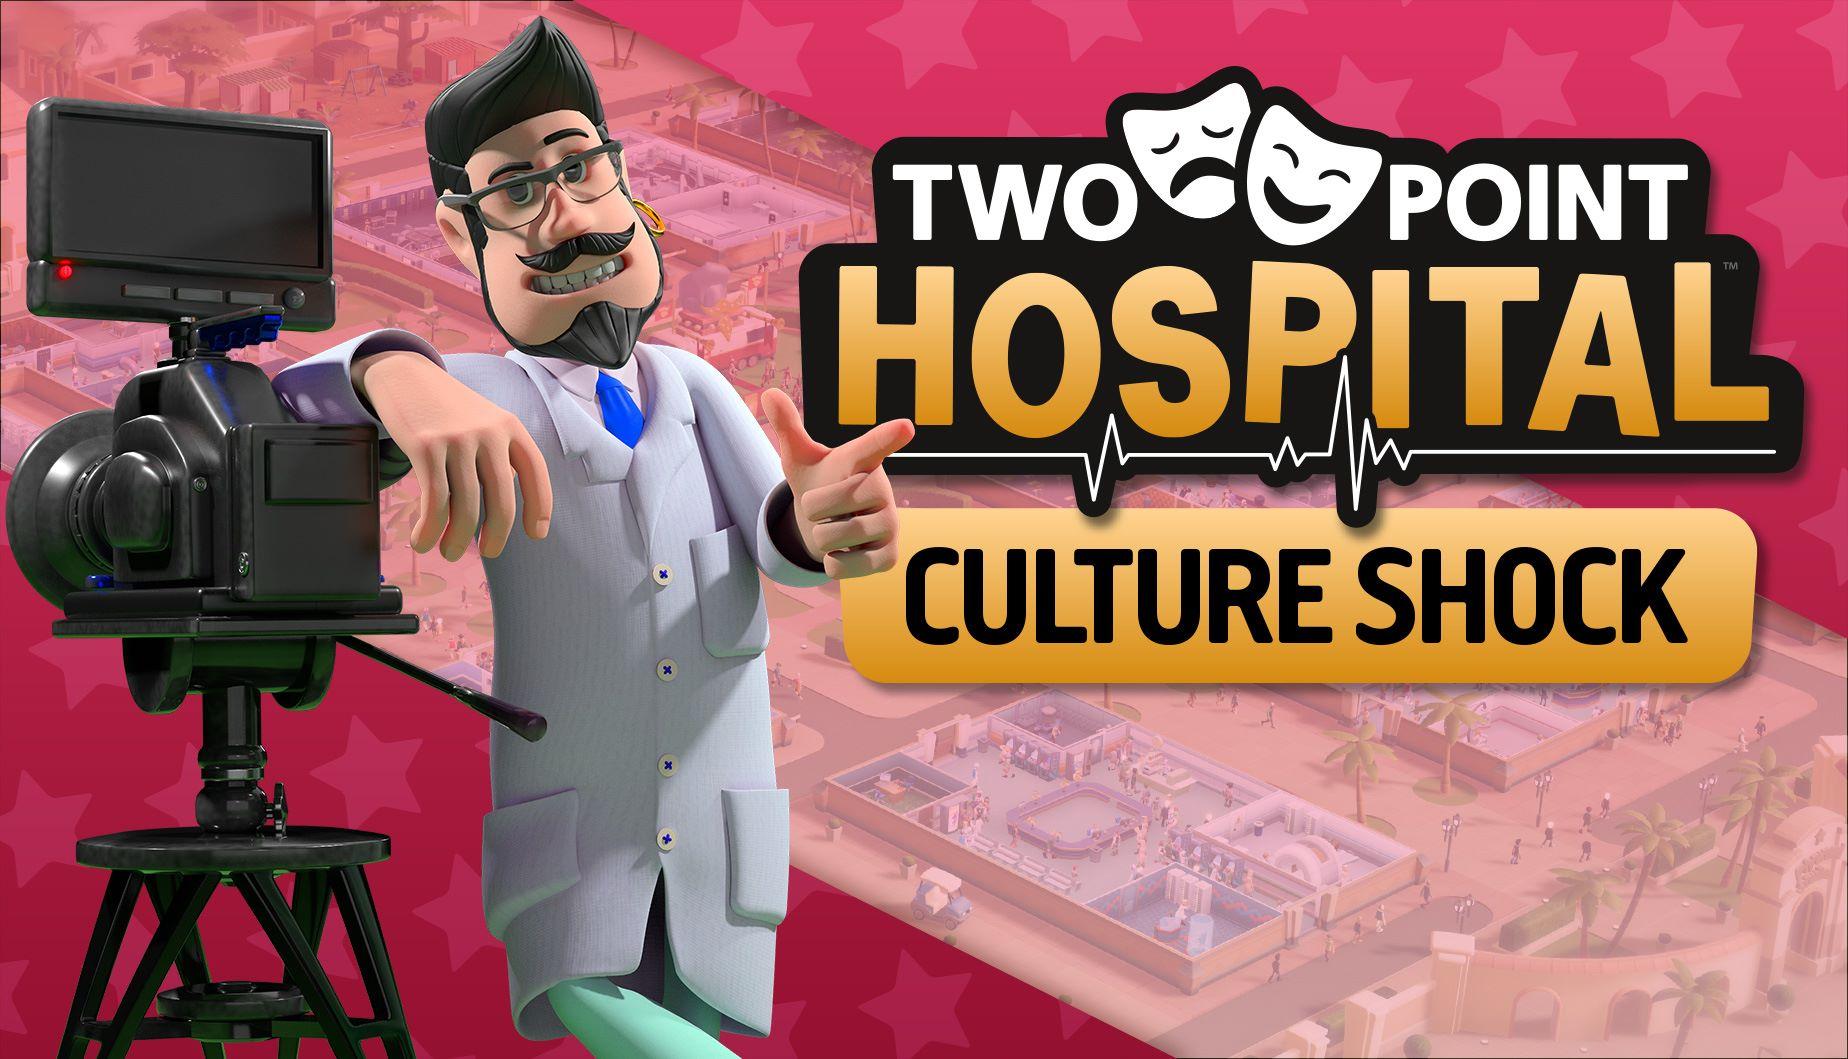 Two Point Hospital, annunciato il DLC Shock Culturale, data di uscita, dettagli e trailer